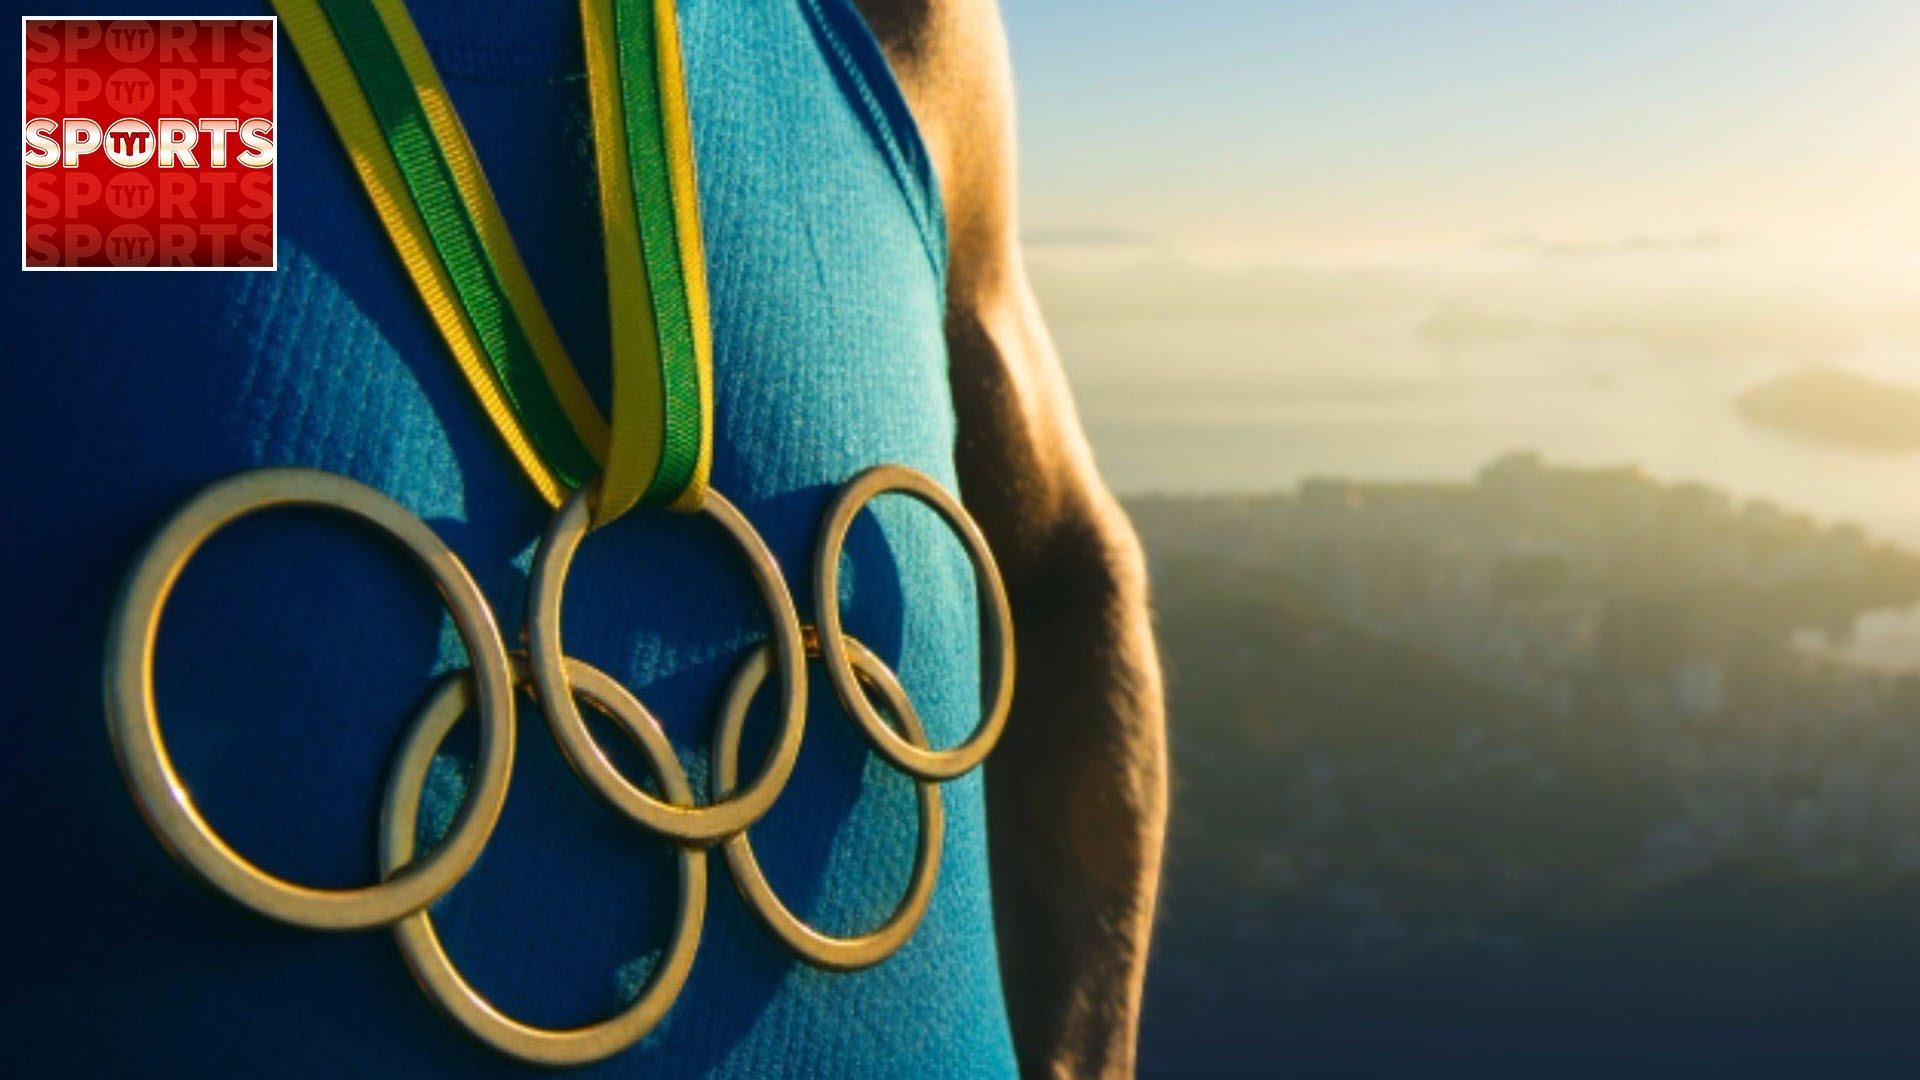 Canada Flag Widescreen Wallpaper Logo Olympic wwwgalleryneedcom 1920x1080